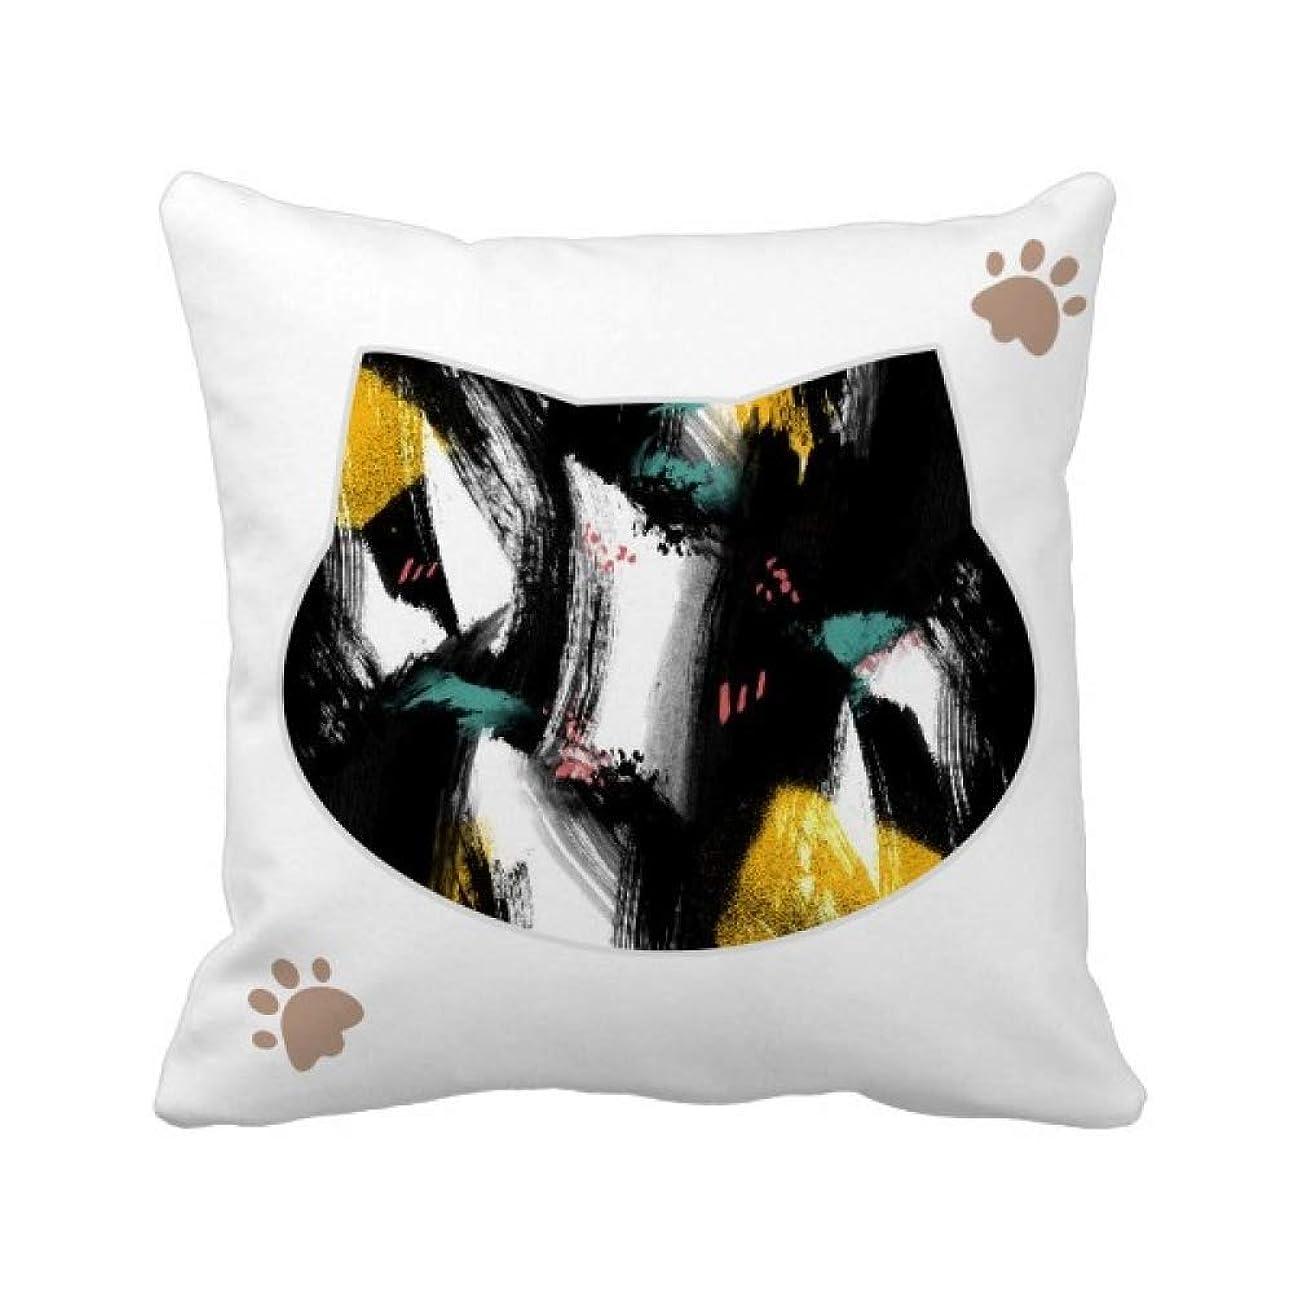 ファーザーファージュバング論争グラフィティアートを穀物のイラストパターン 枕カバーを放り投げる猫広場 50cm x 50cm